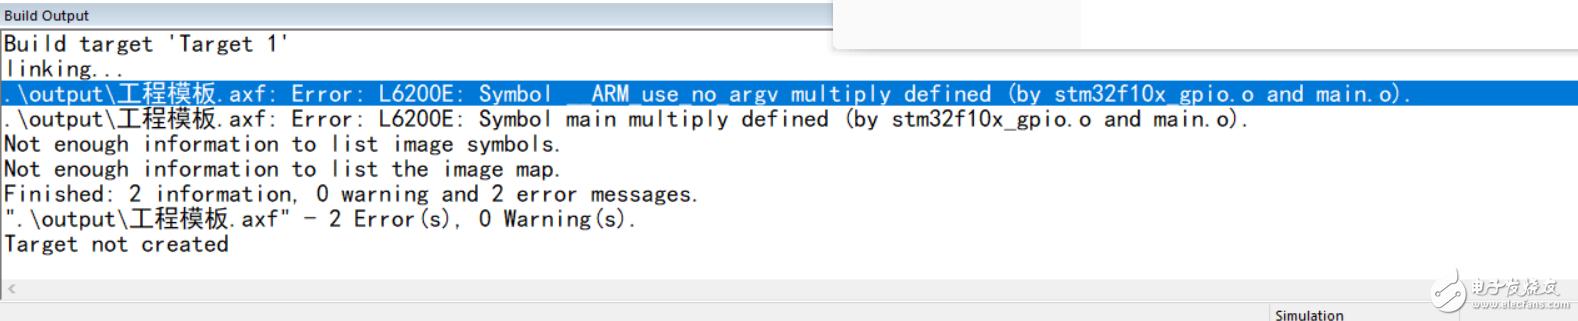 stm32蜂鸣器实验出现图示错误